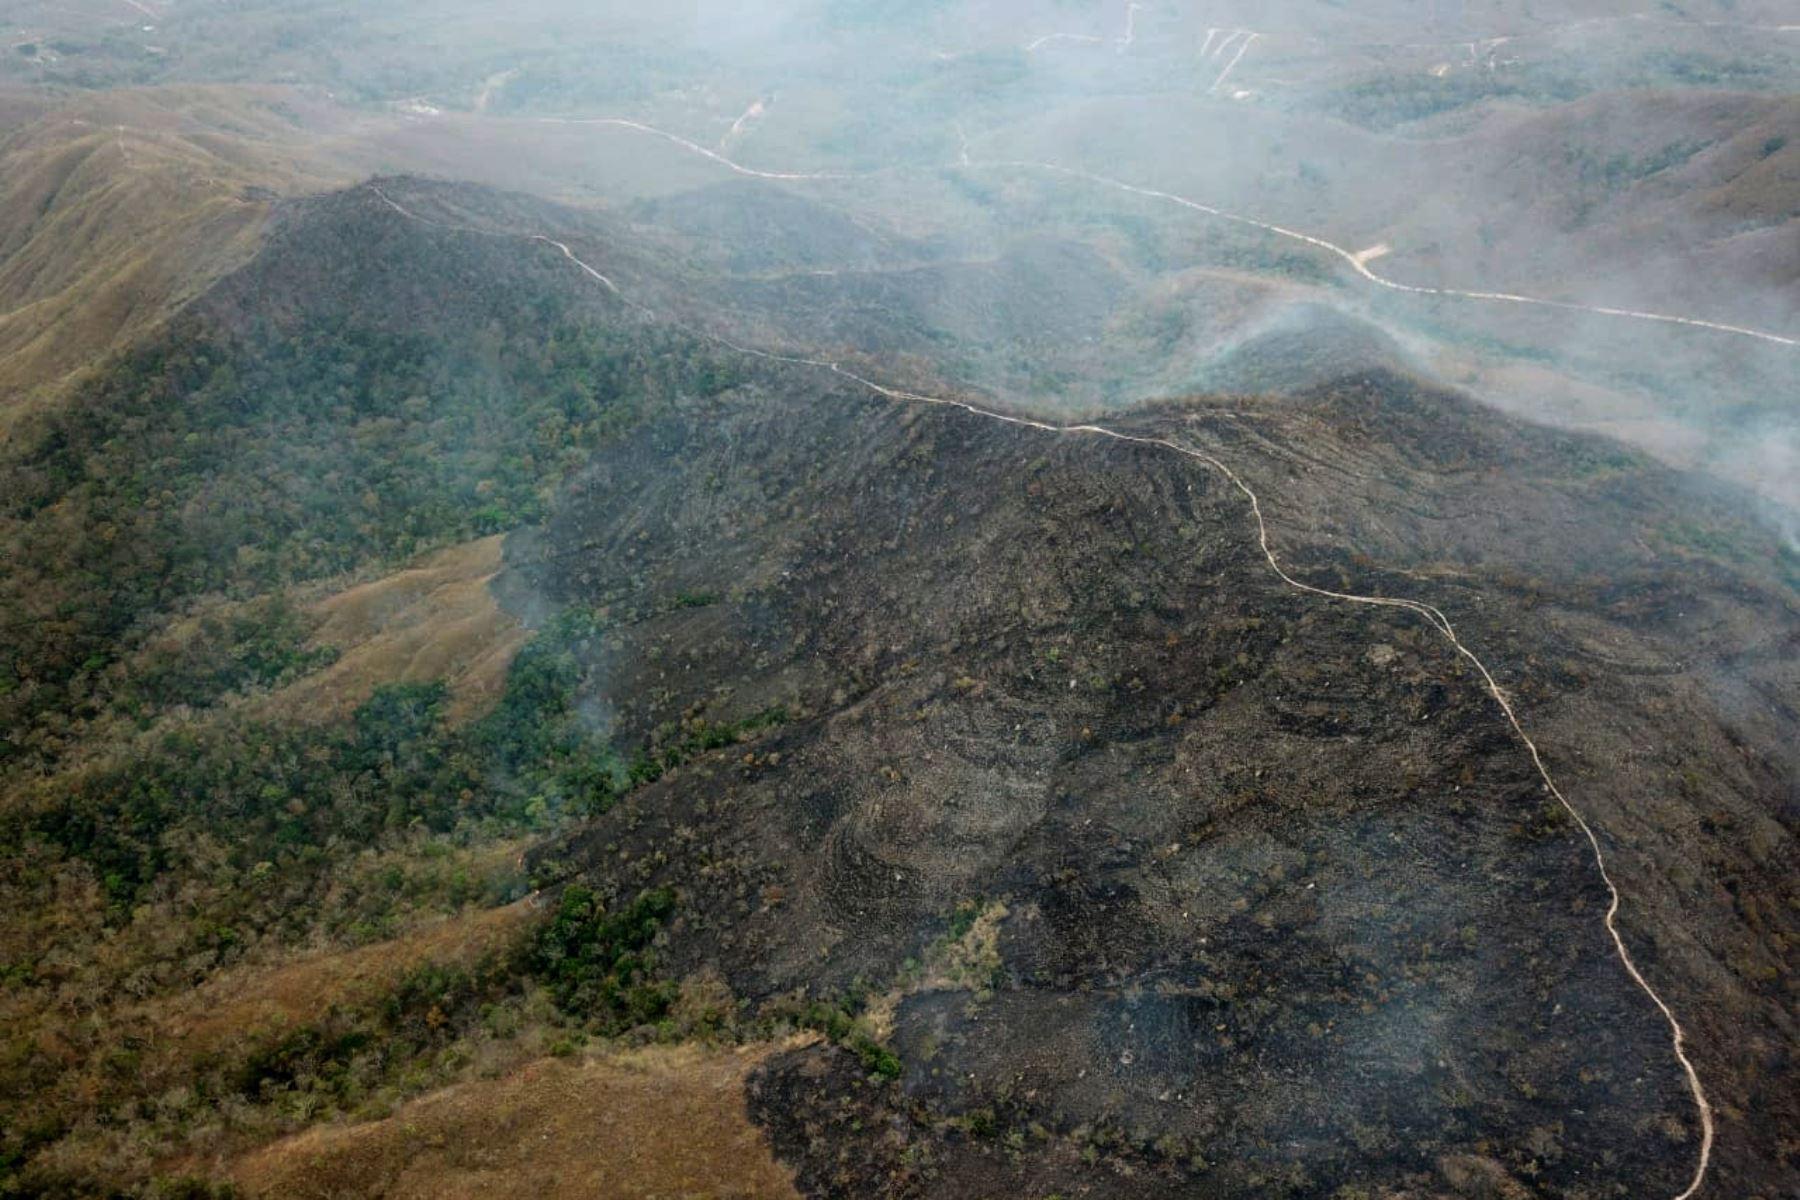 Fotografía aérea publicado por el Departamento de Bomberos de Mato Grosso que muestra áreas quemadas de tierra en las colinas del municipio de Chadapa dos Guimaraes en el estado de Mato Grosso, en el centro-oeste de Brasil, el 23 de agosto de 2019.AFP